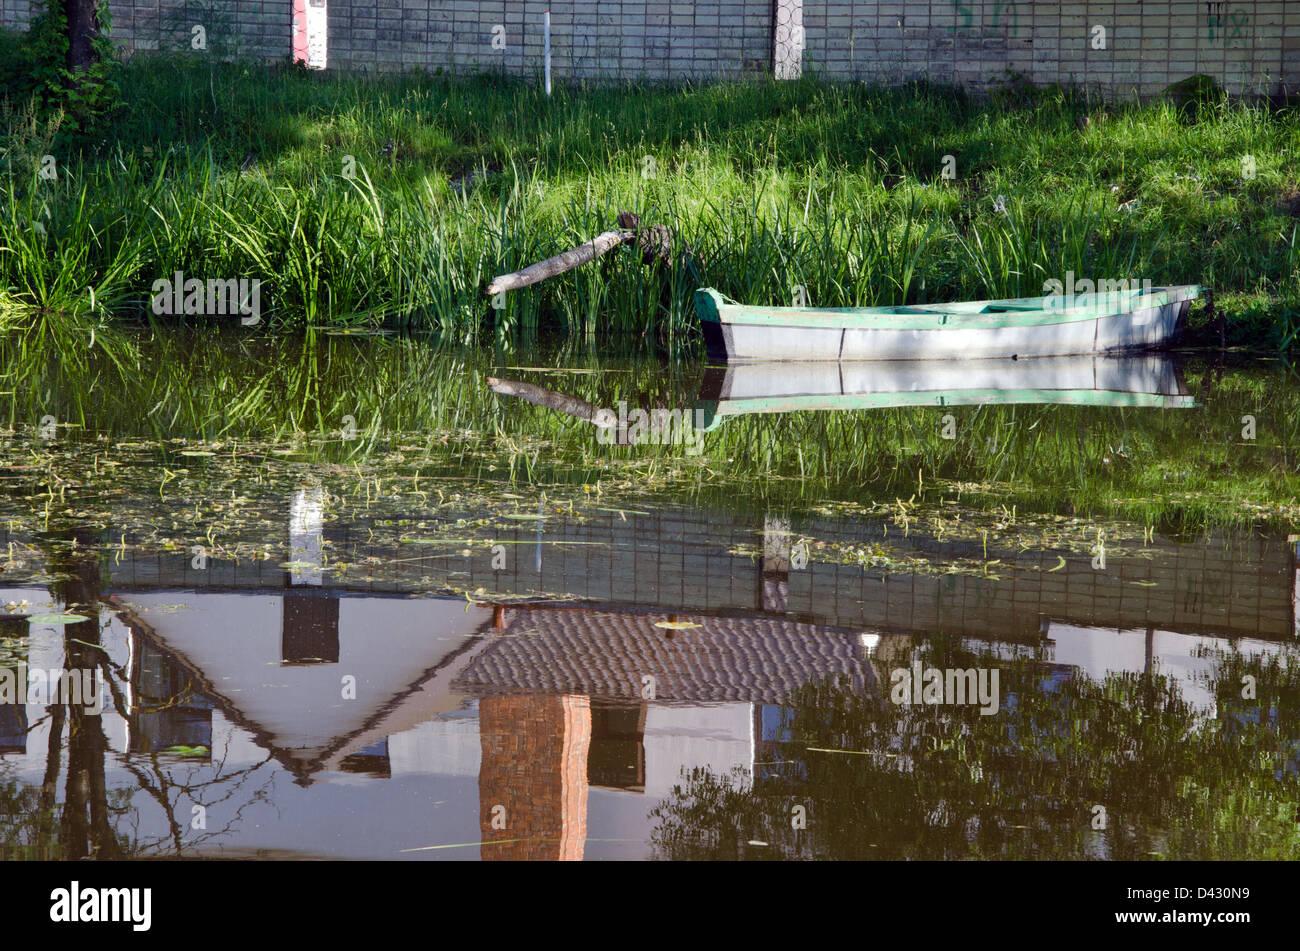 zeile holzboot schwimmer in der n he von green river ufer festgemacht und sch ne geb ude haus. Black Bedroom Furniture Sets. Home Design Ideas